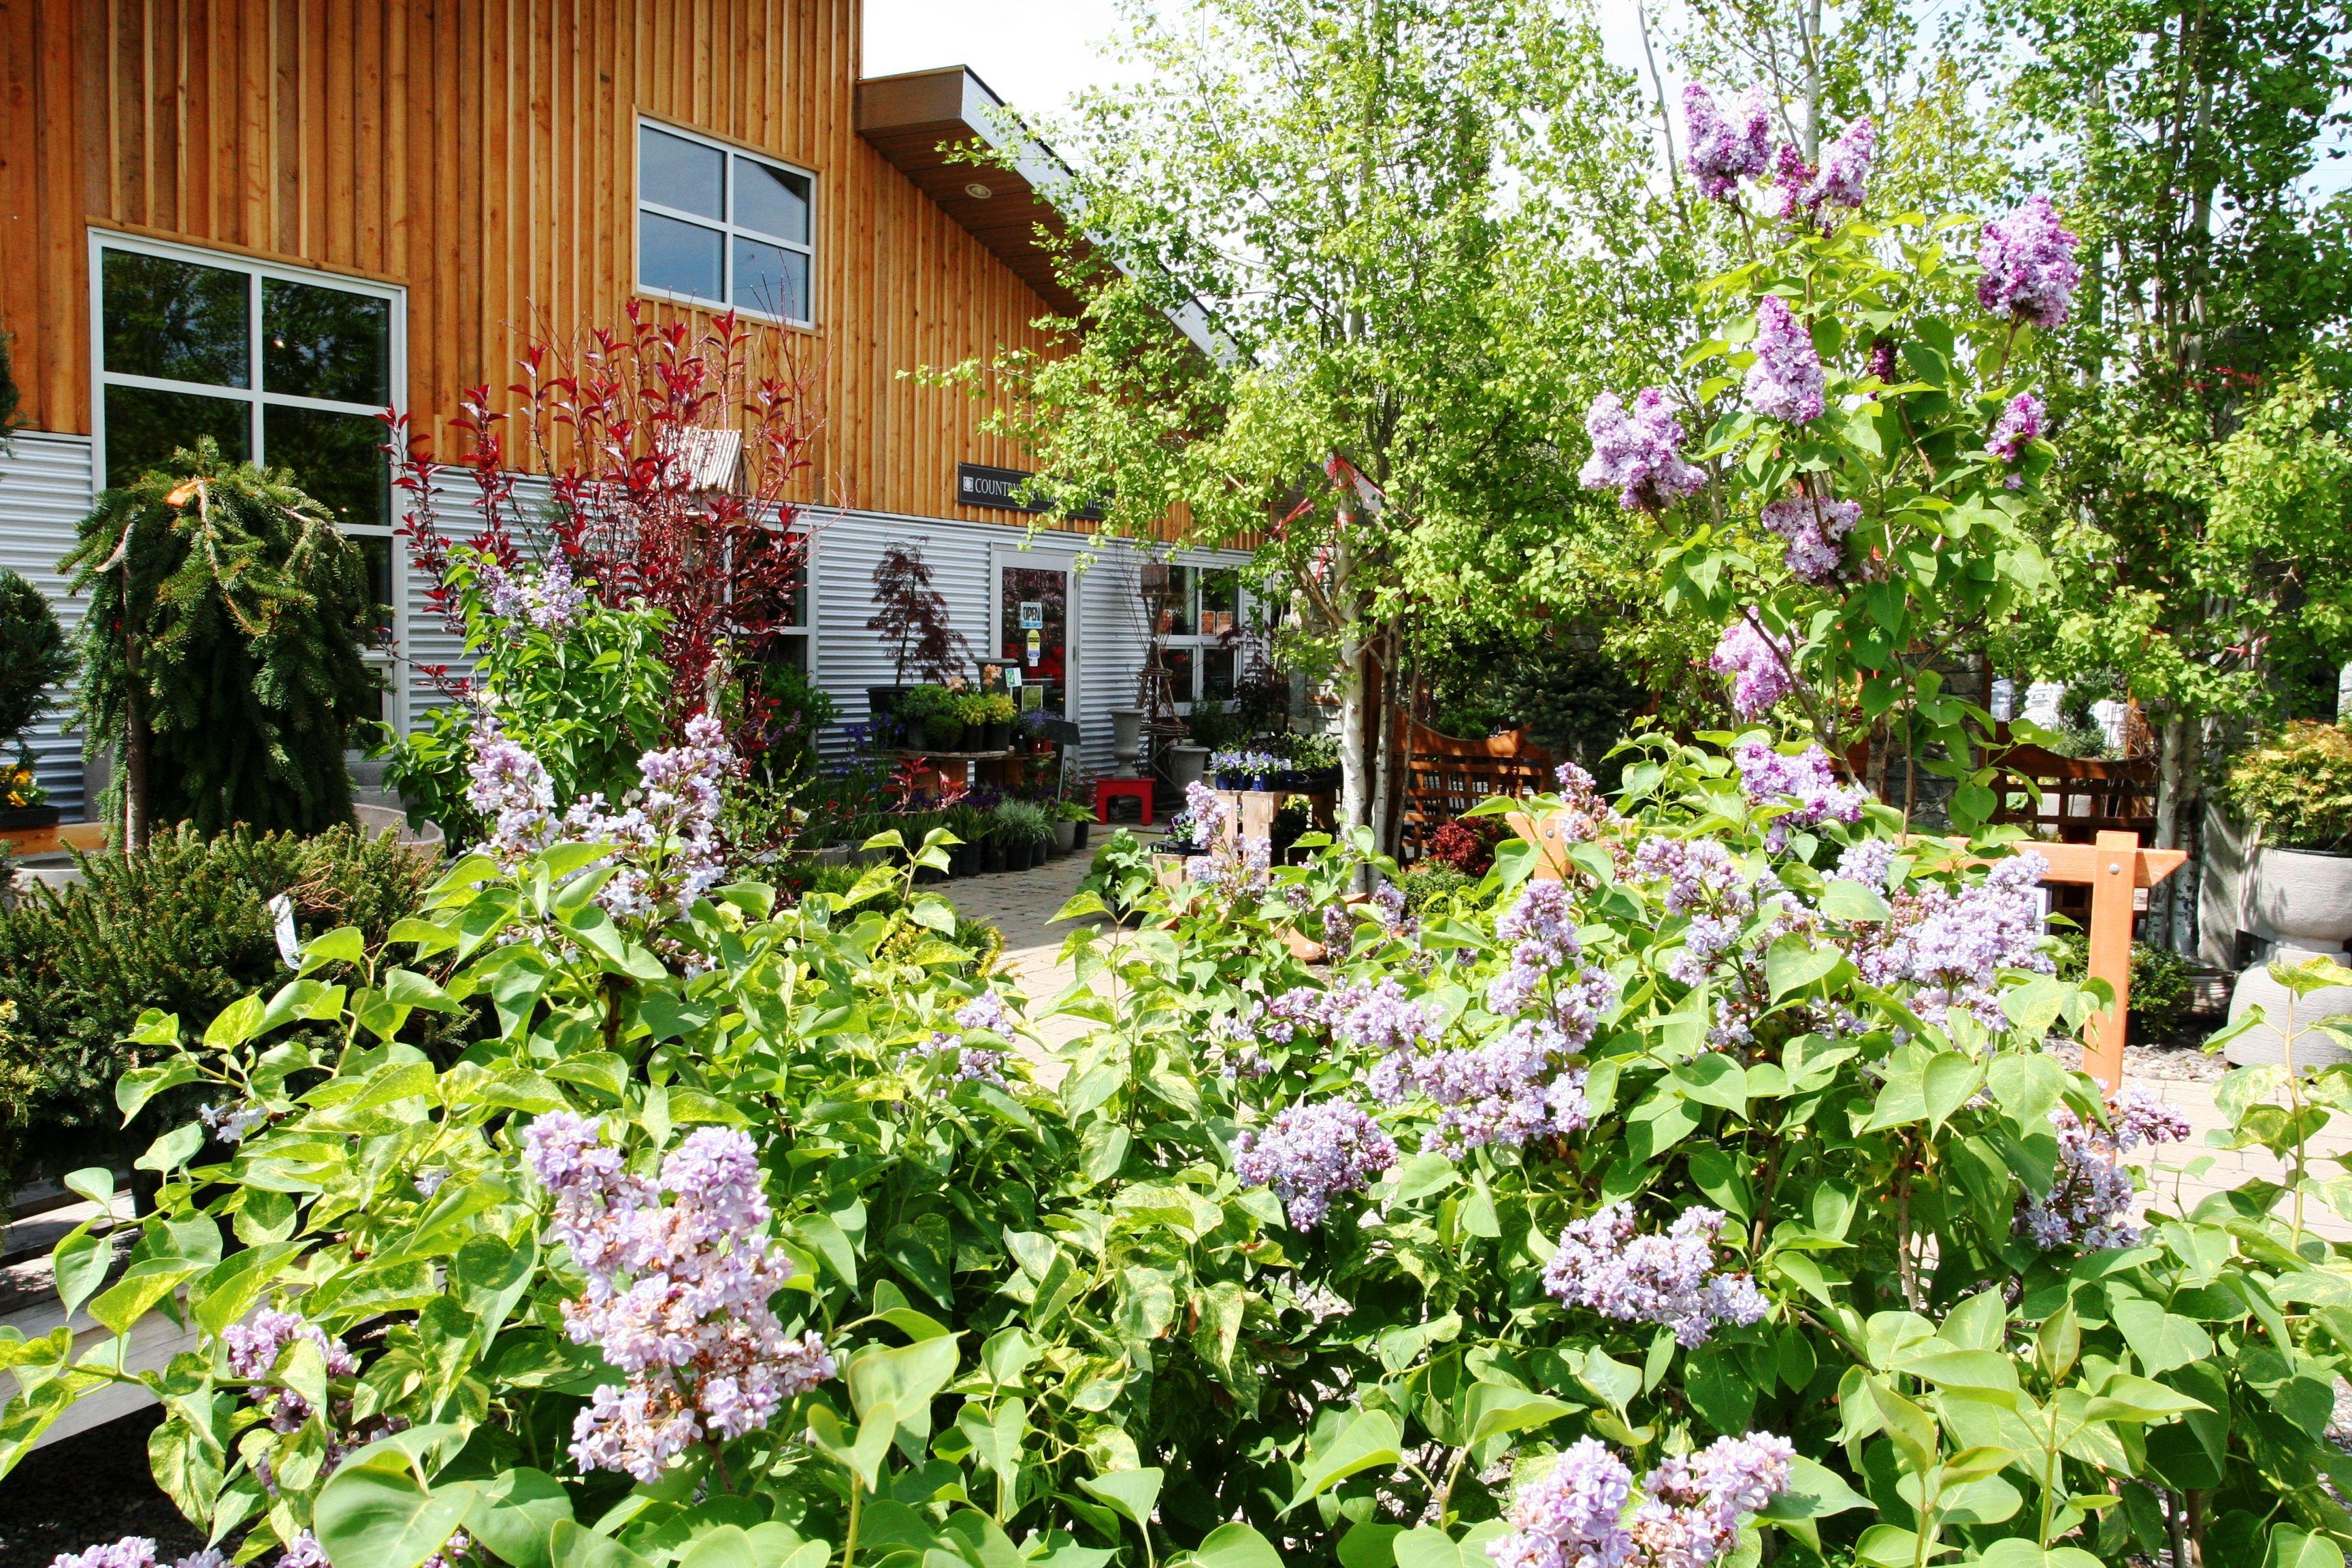 Lilacs In Bloom At Countryside Garden Centre Garden 400 x 300